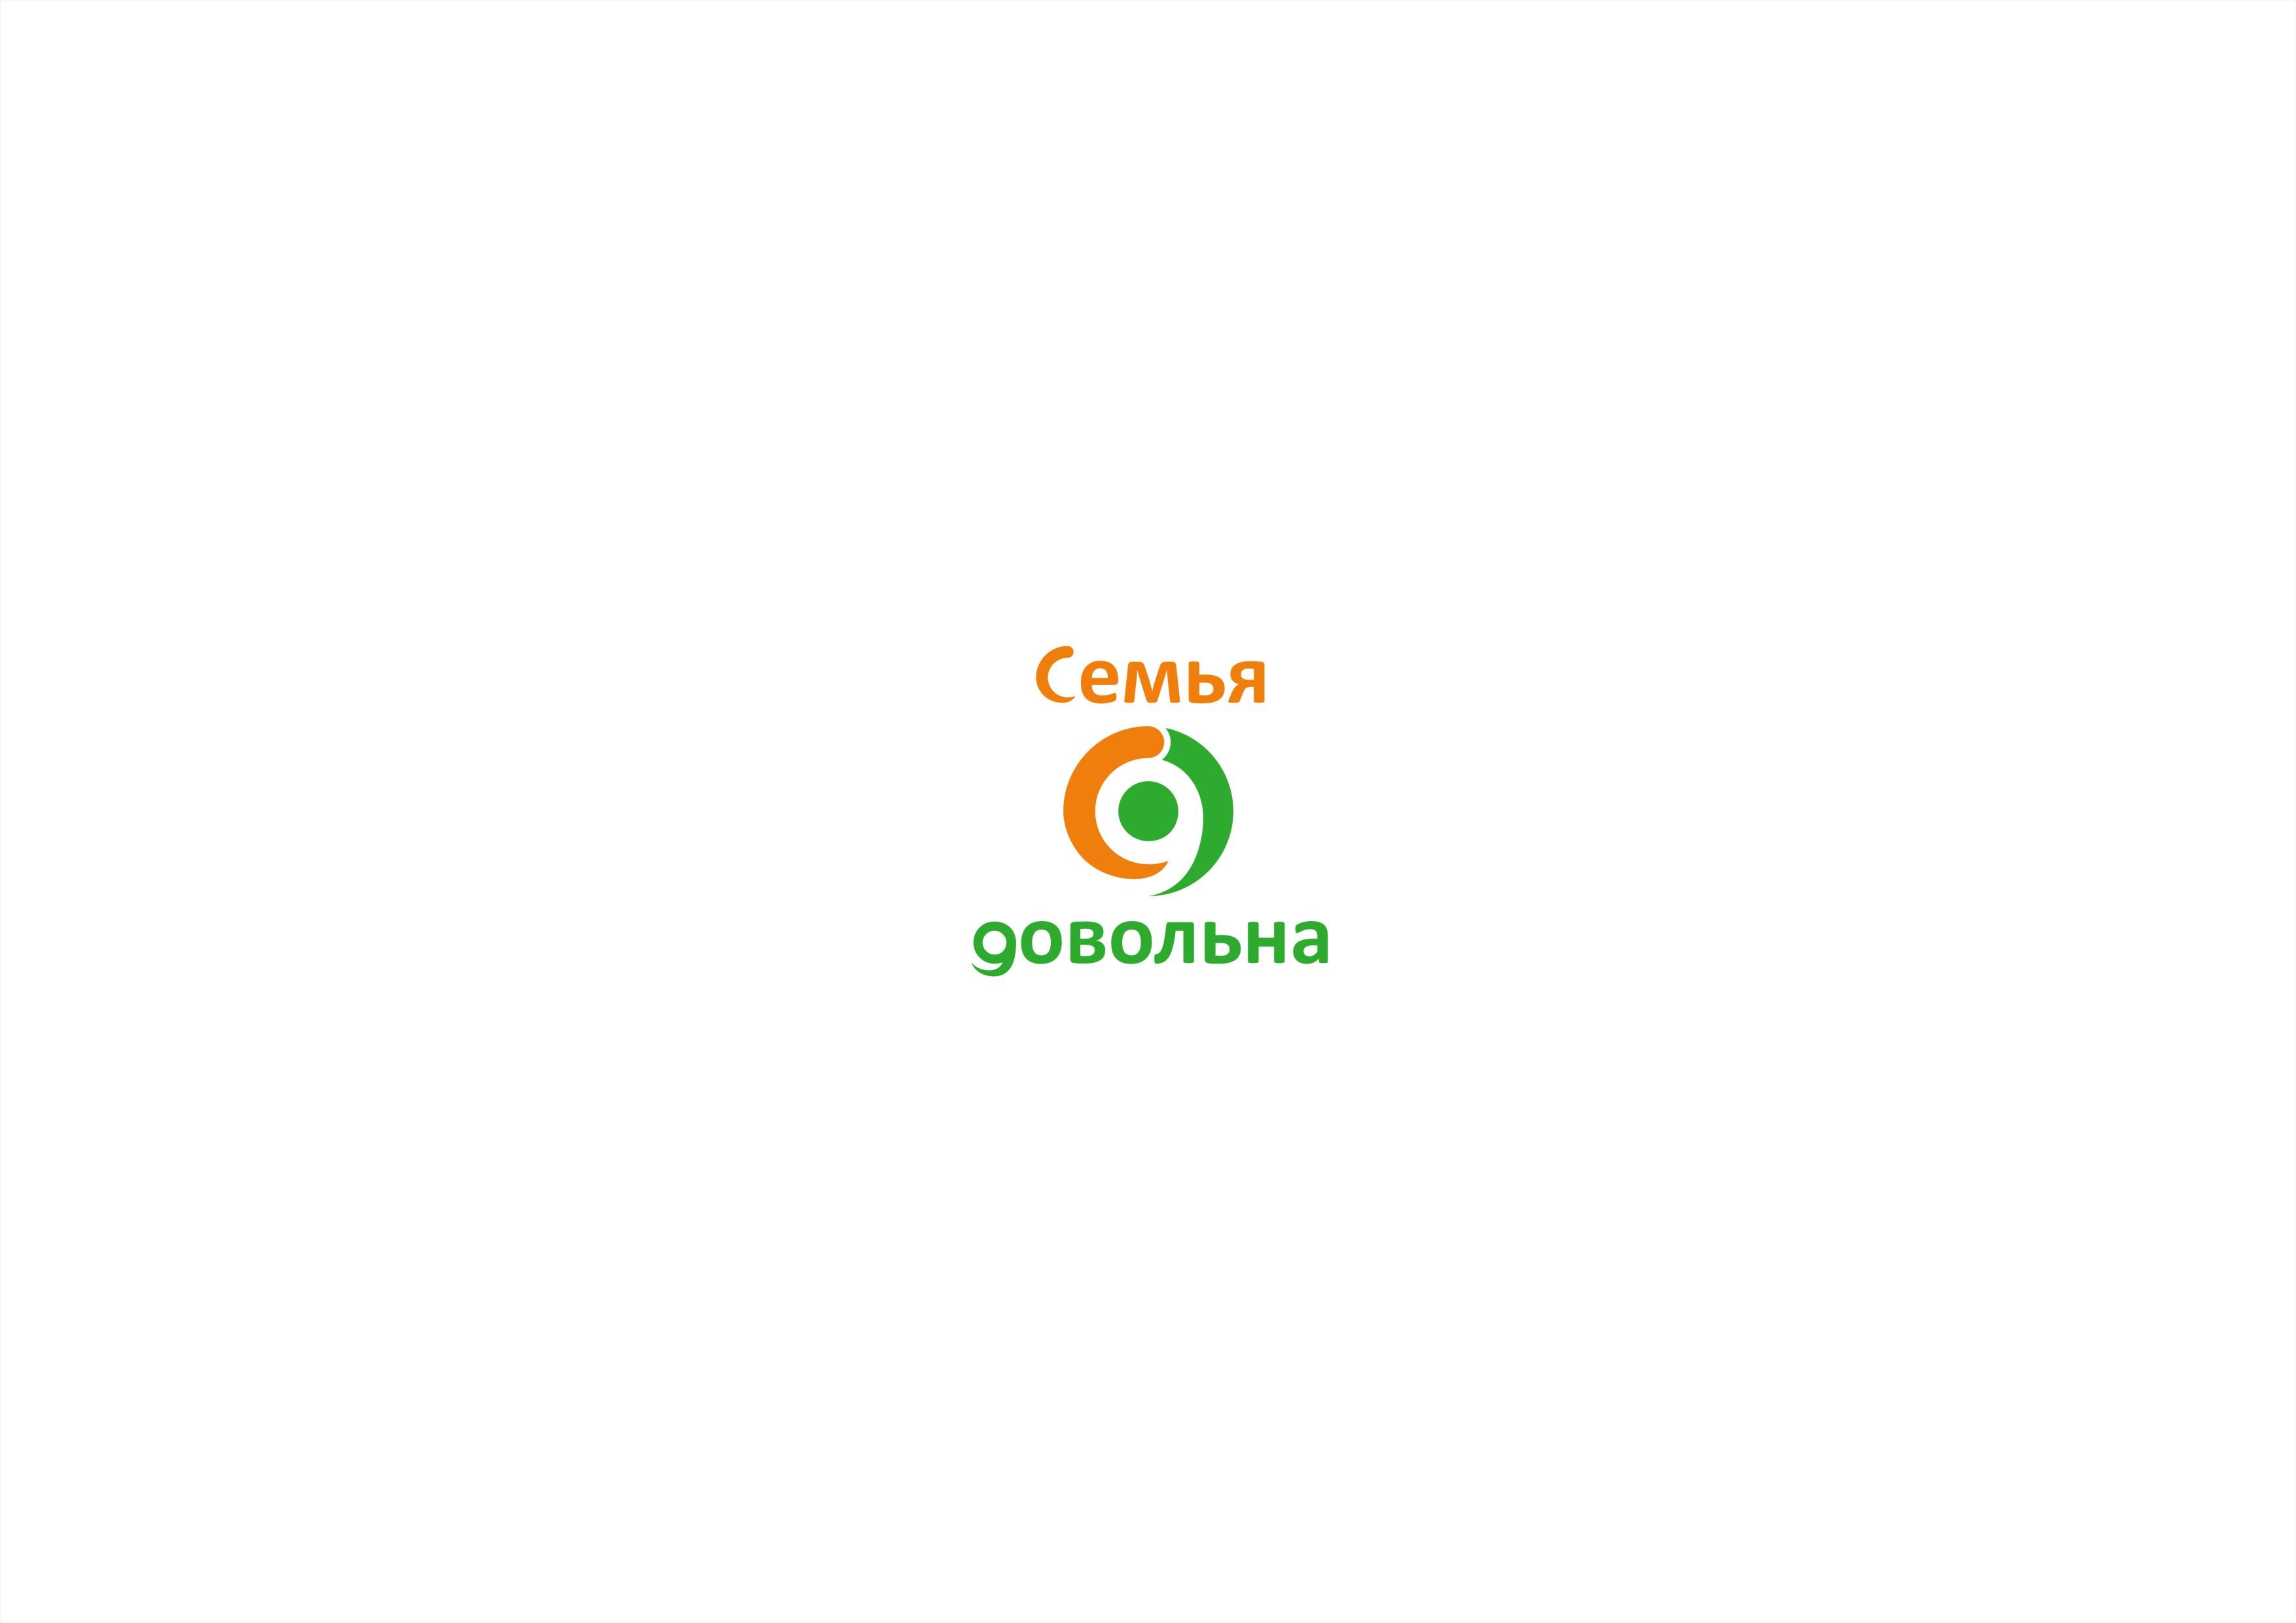 """Разработайте логотип для торговой марки """"Семья довольна"""" фото f_2305ba4dbc67e0a1.jpg"""